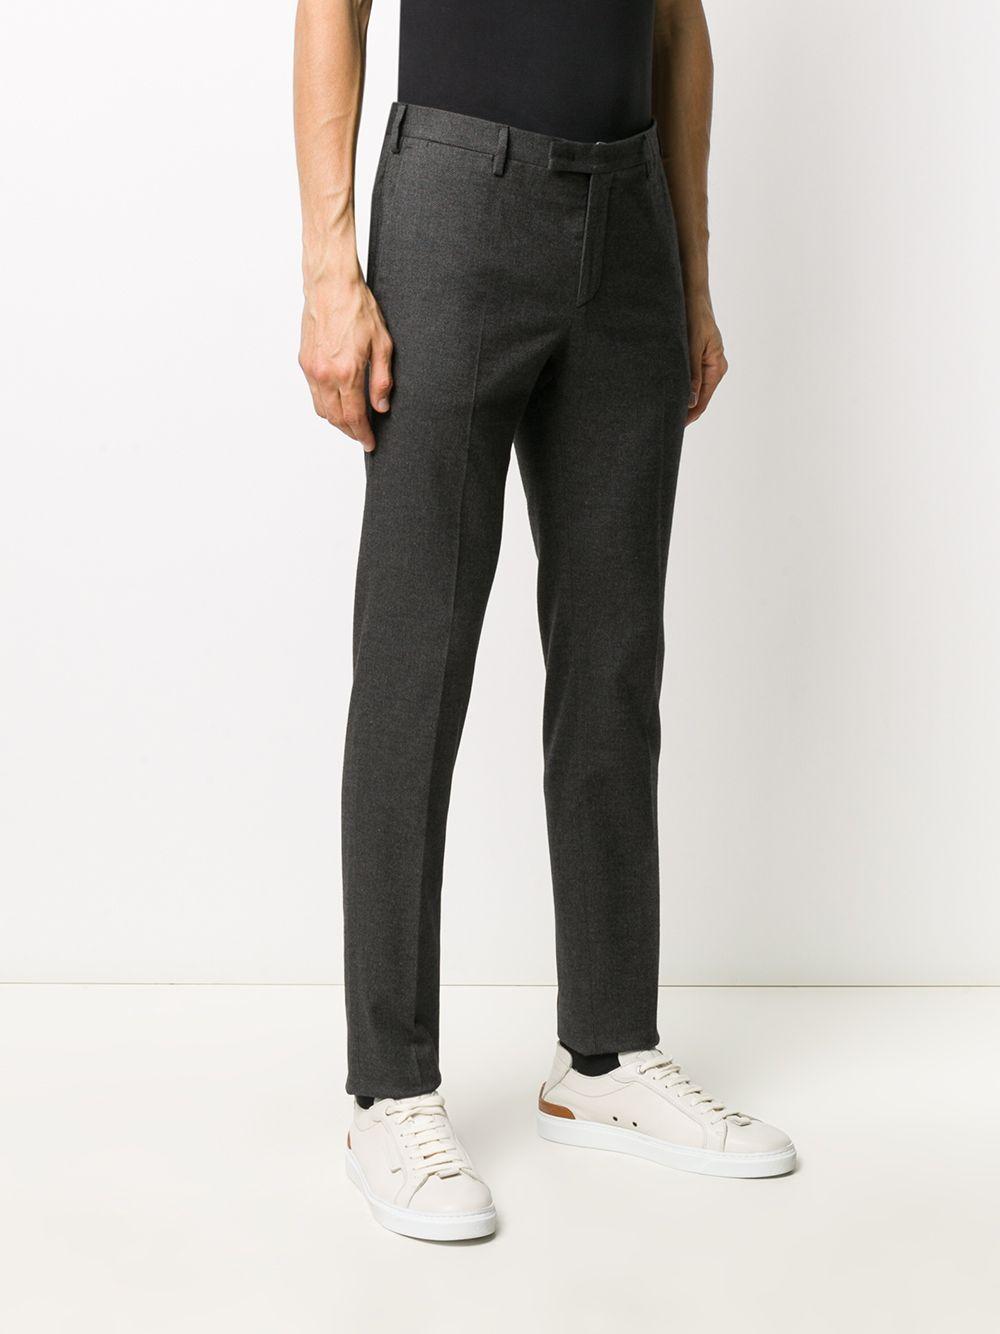 Pantalone in cotone grigio antracite con fantasia a microquadretti PT01 | Pantaloni | COKSZEZ00CL1-BB310260